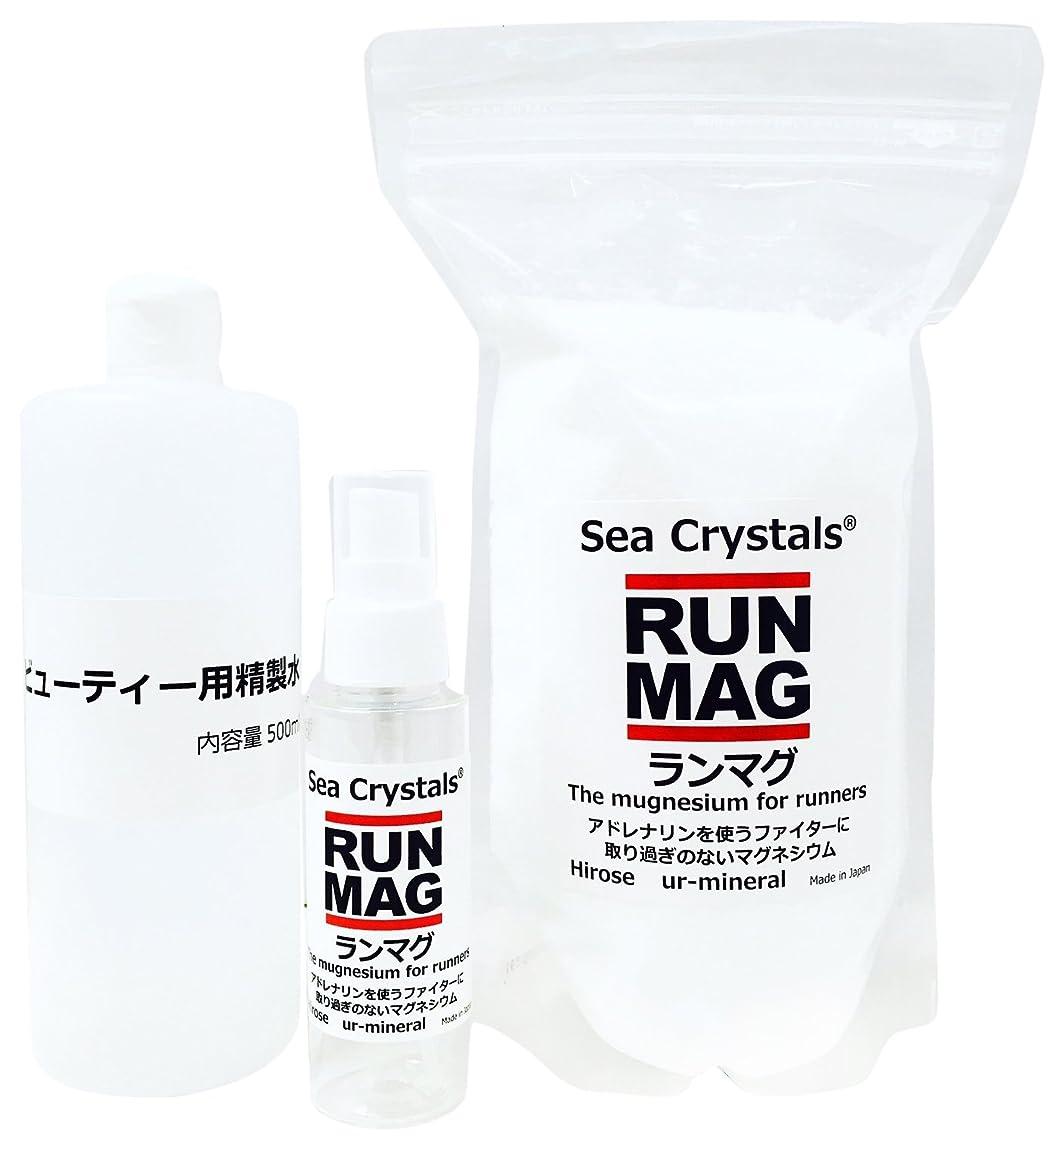 クリスマス森林六ランマグ?マグネシウムオイル 500g 化粧品登録 日本製 1日マグネシウム360mg使用? 精製水付き